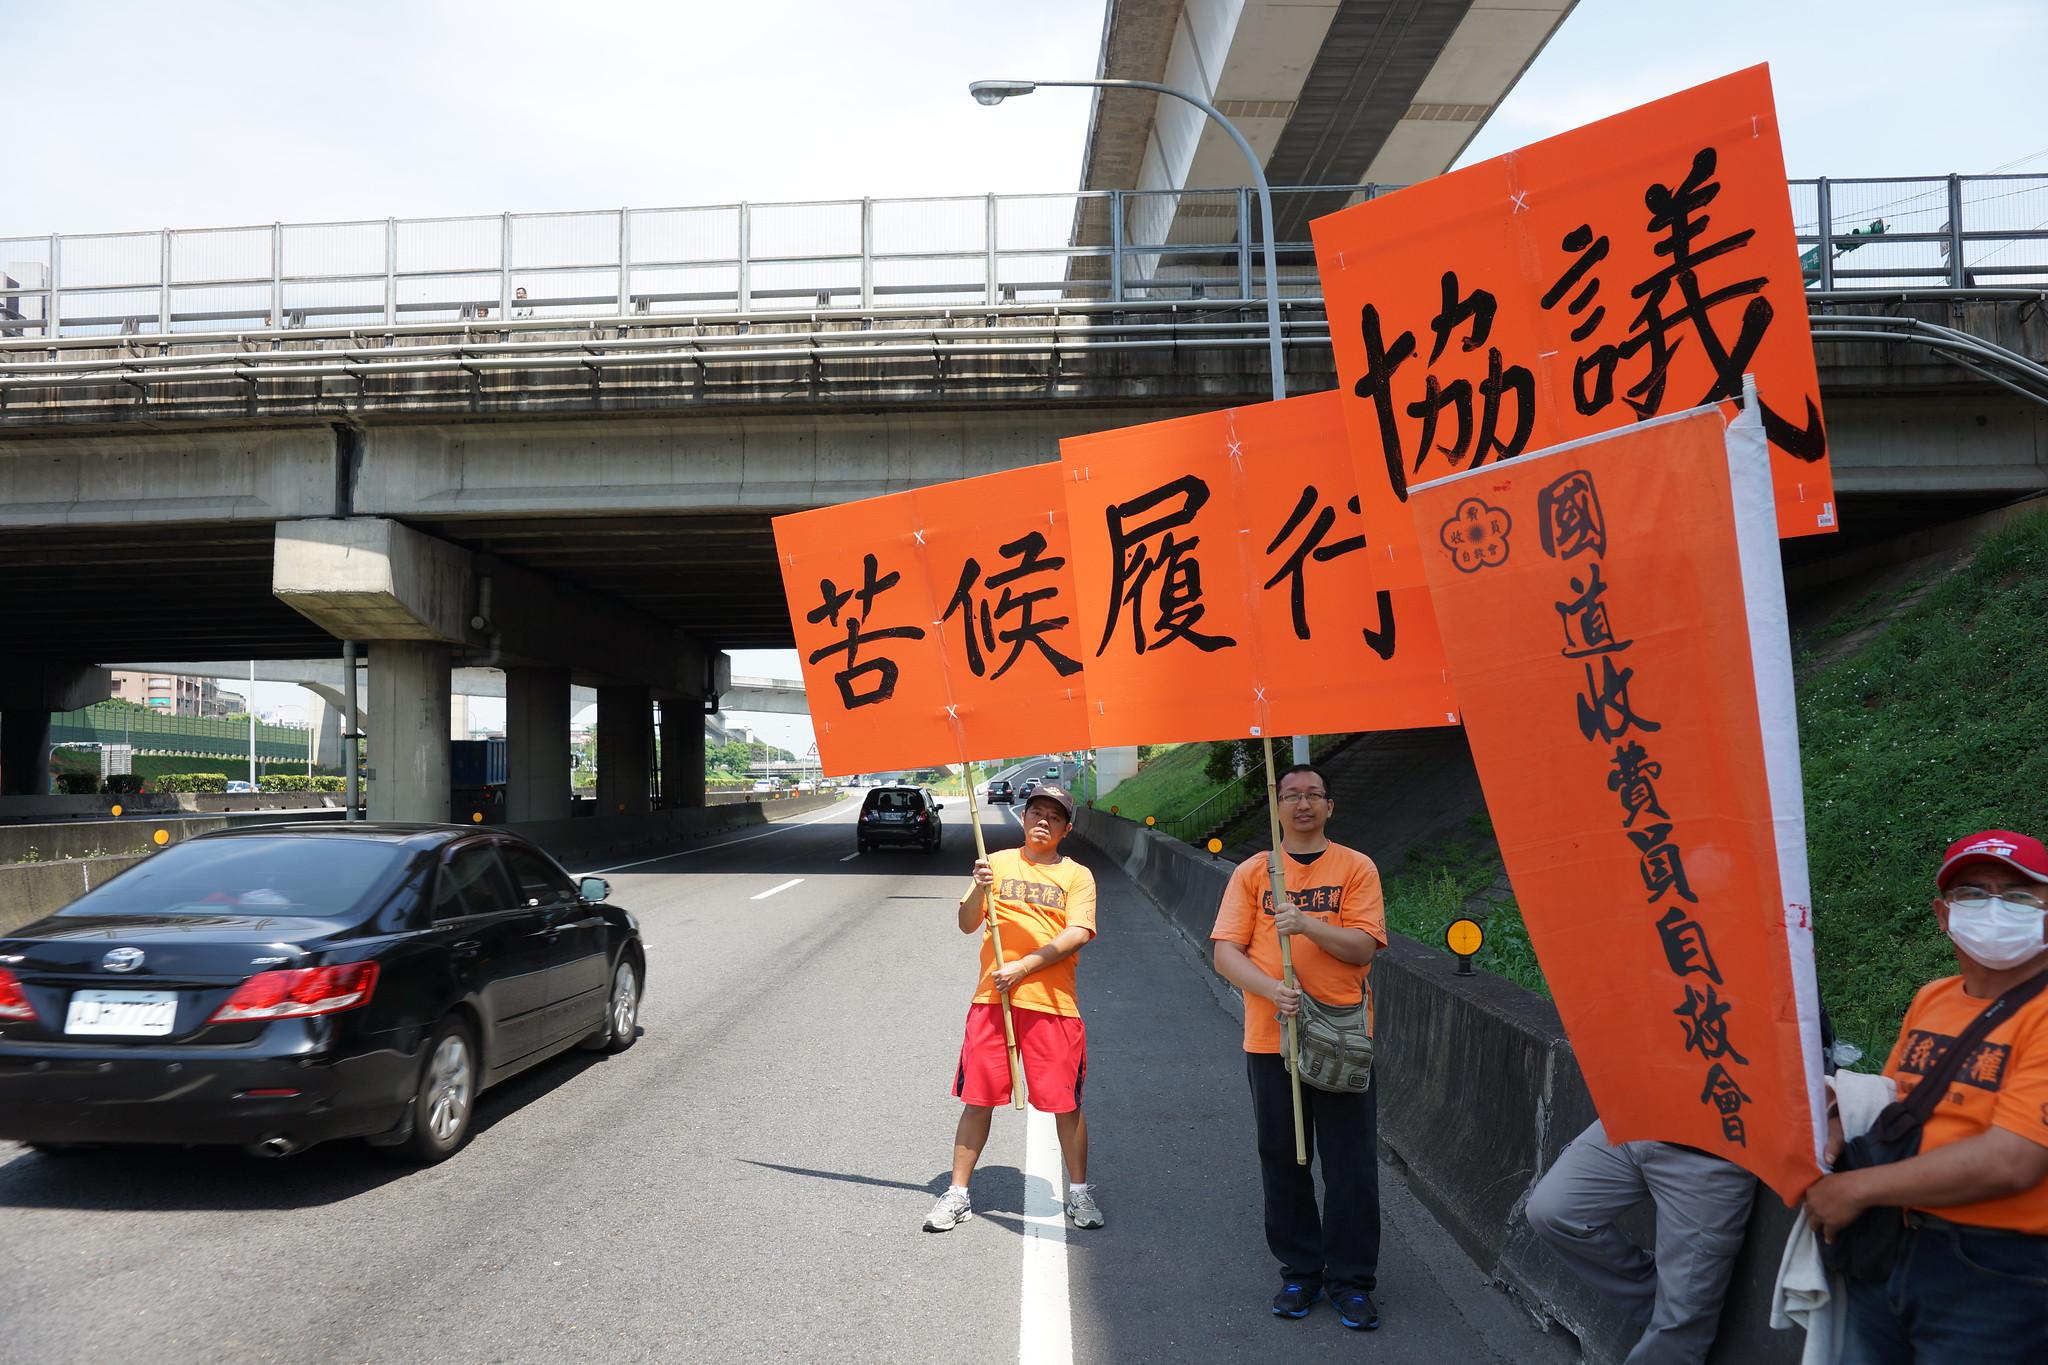 在國道路肩高舉「苦候」、「履行」、「協議」牌。(攝影:王顥中)